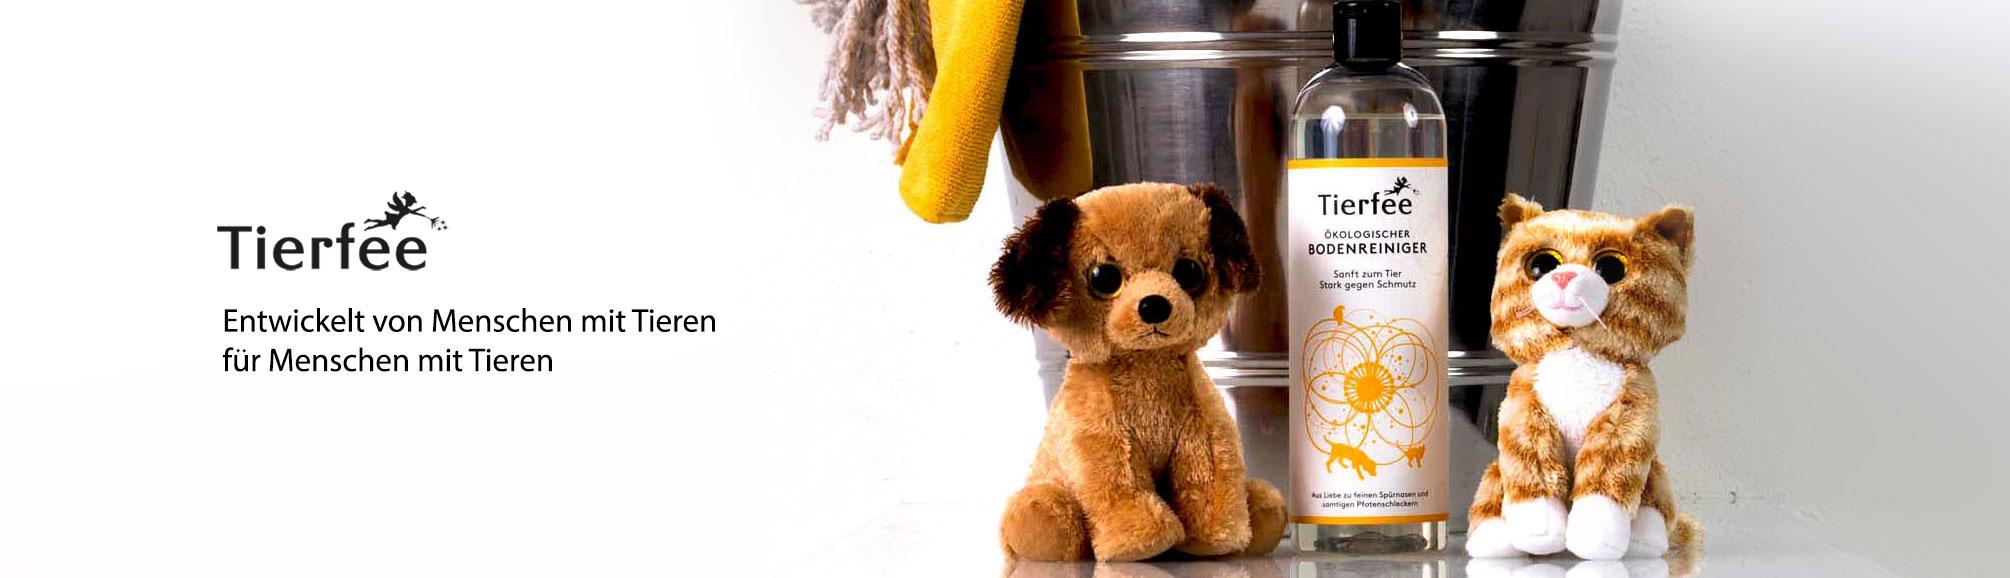 Tierfee – ökologische Reinigungsmittel, Bild 3